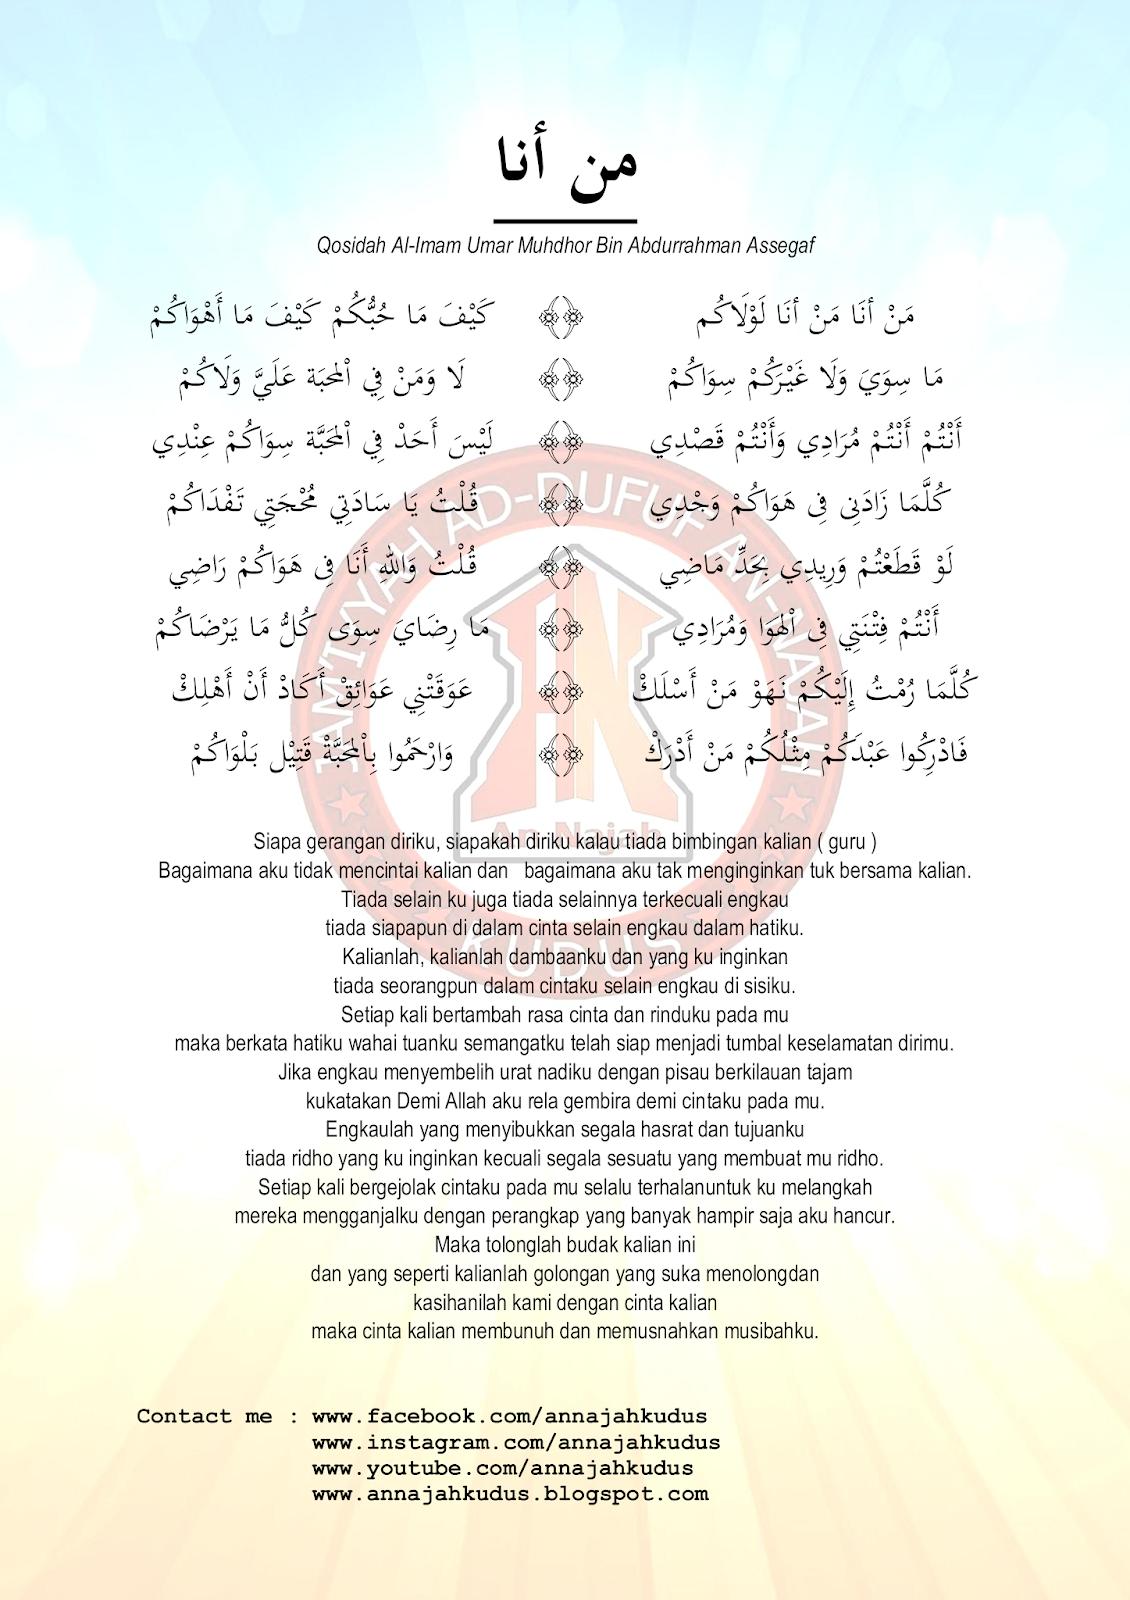 Man Ana Lirik Arab : lirik, LAULAKUM, LIRIK, NAJAH, KUDUS